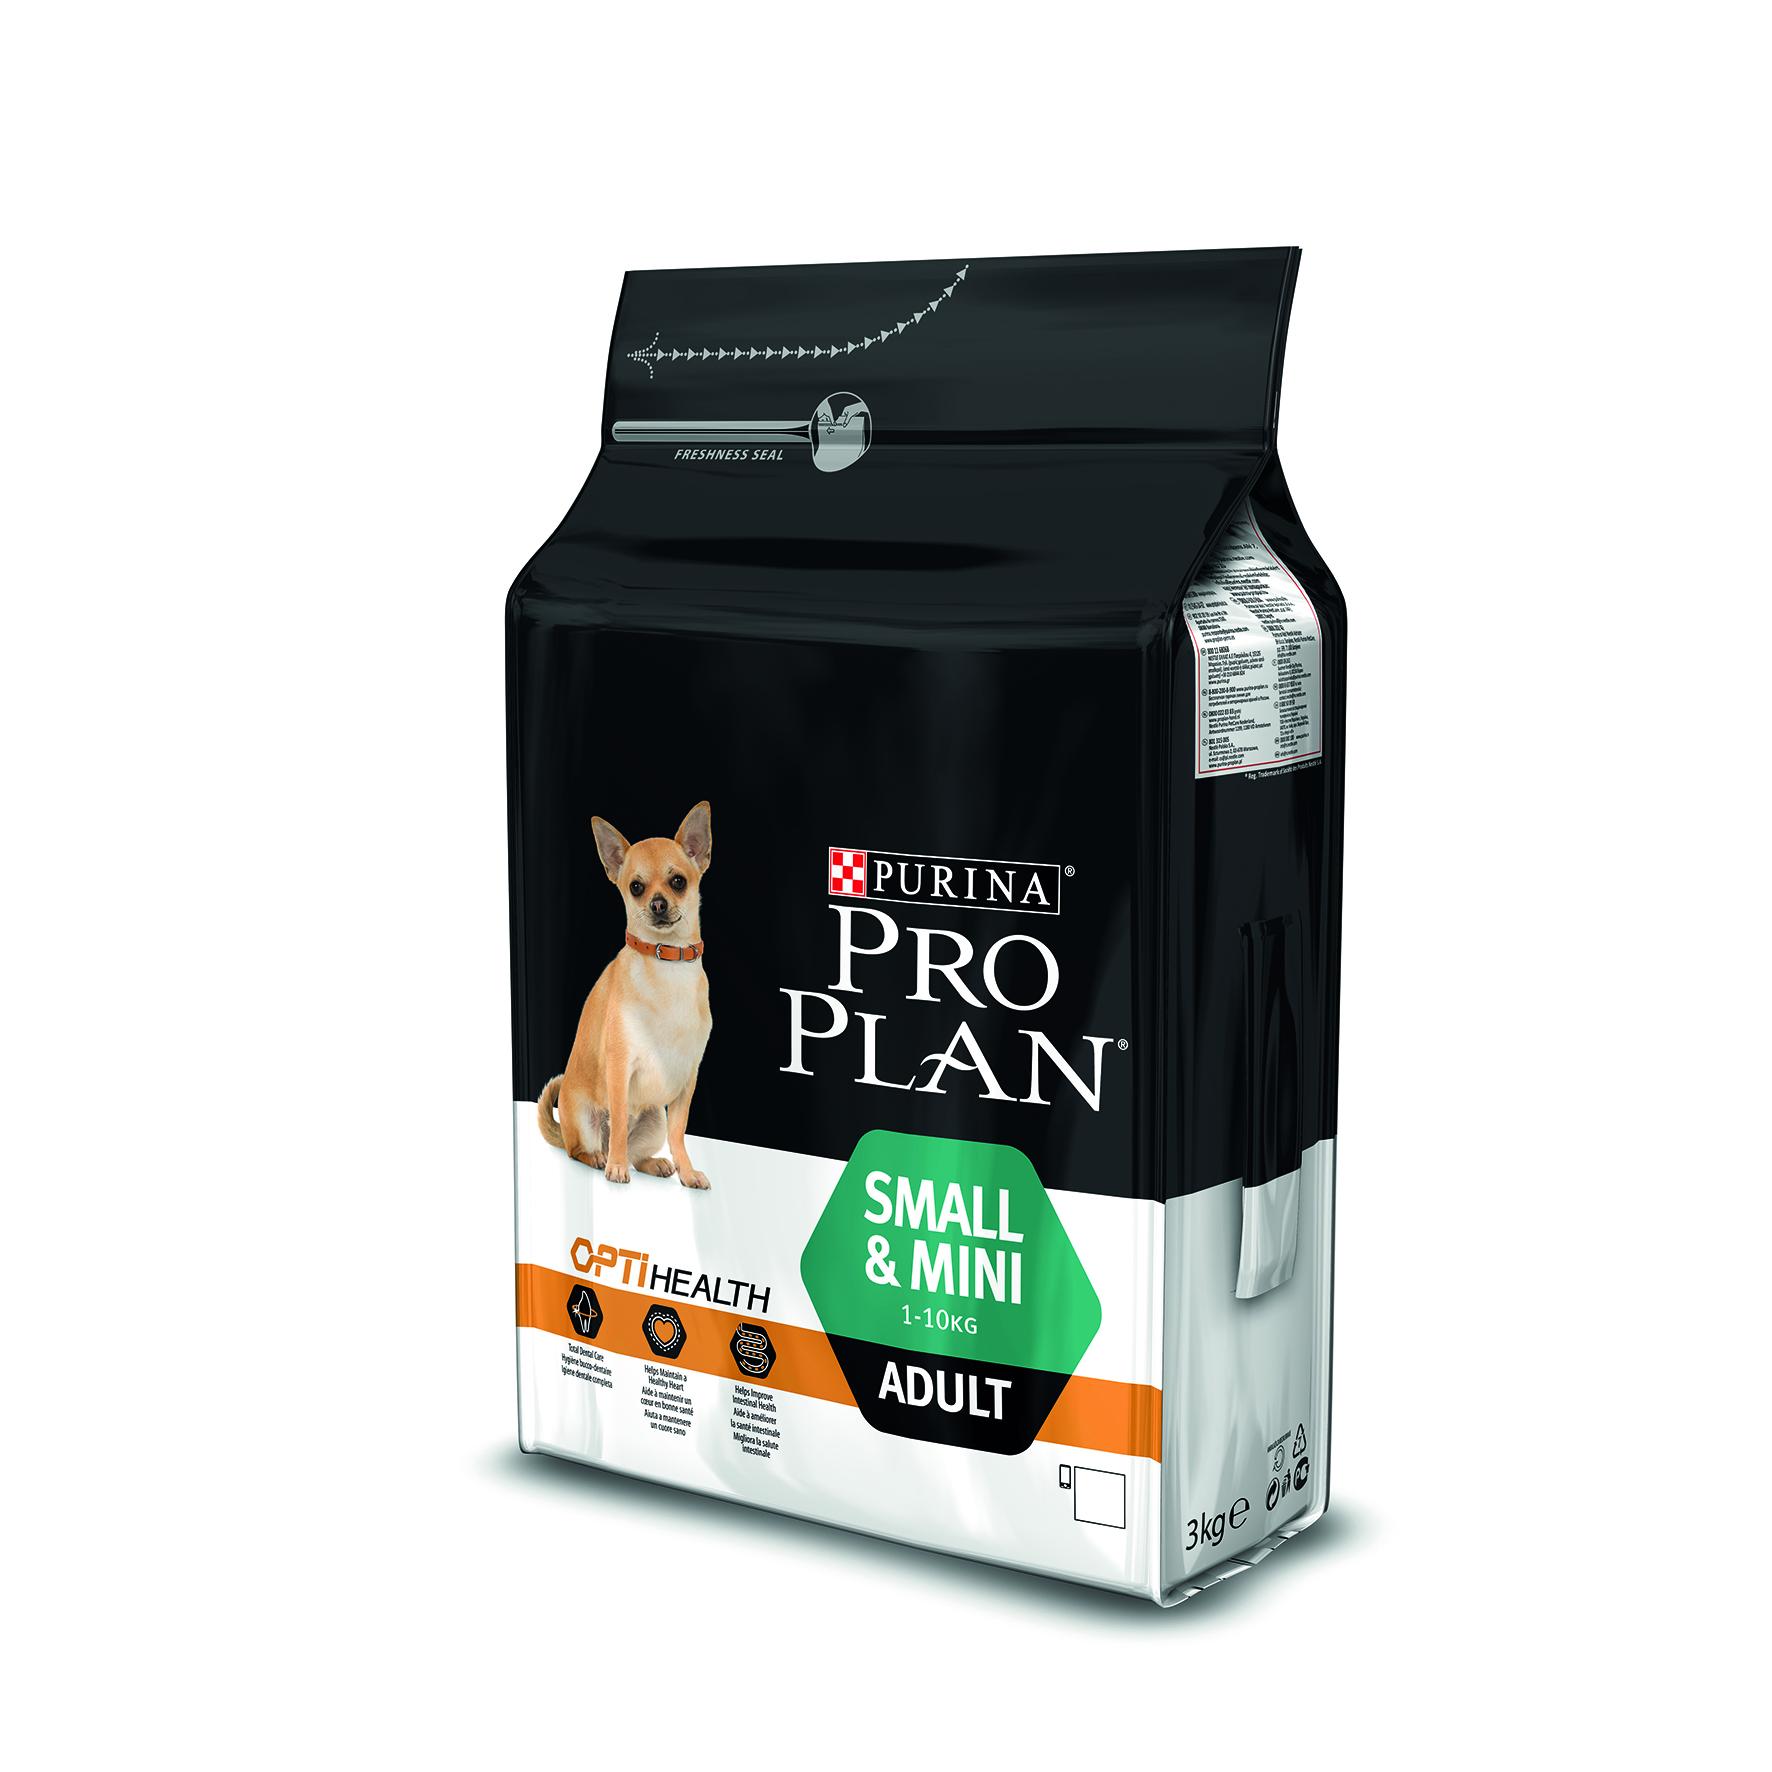 Purina Pro Plan Adult Small & Mini 3kg